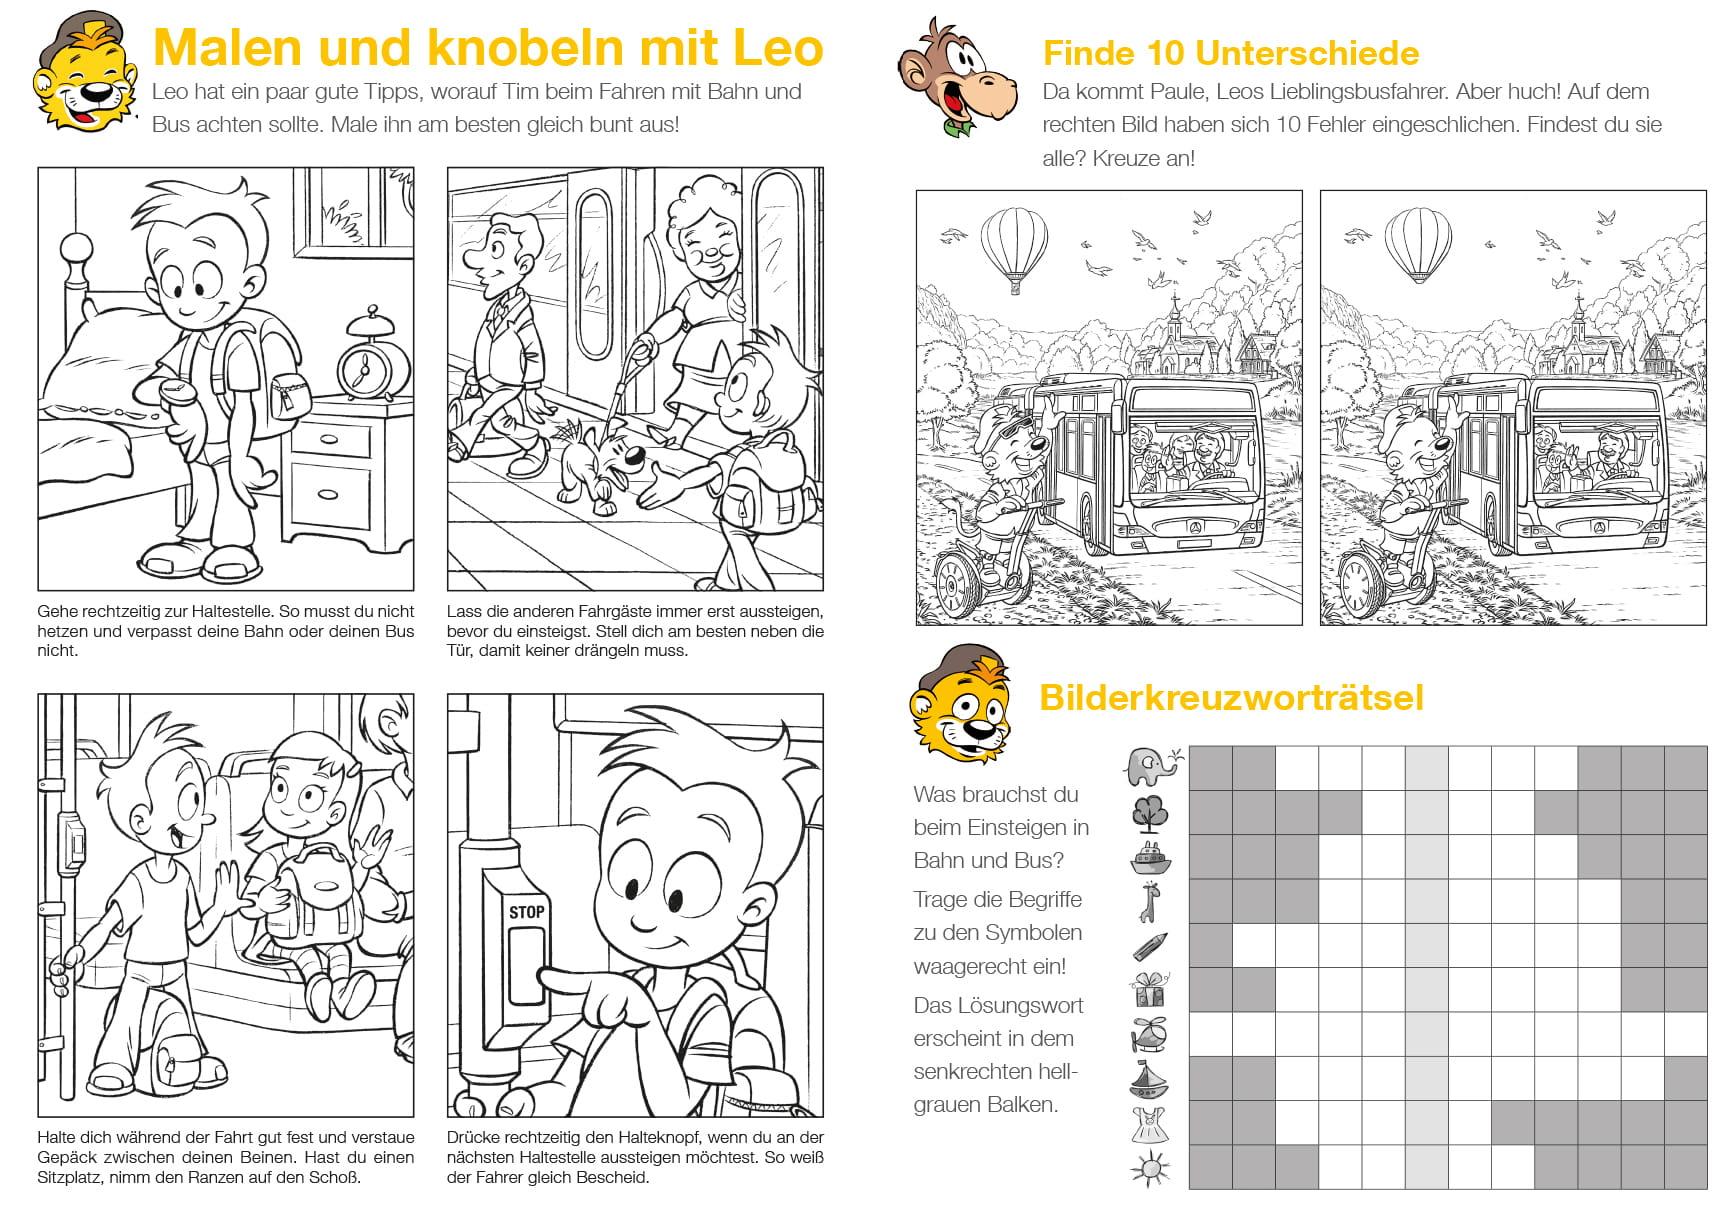 Für die Kleinen - Malen, Basten, Lesen - DVB | Dresdner ...